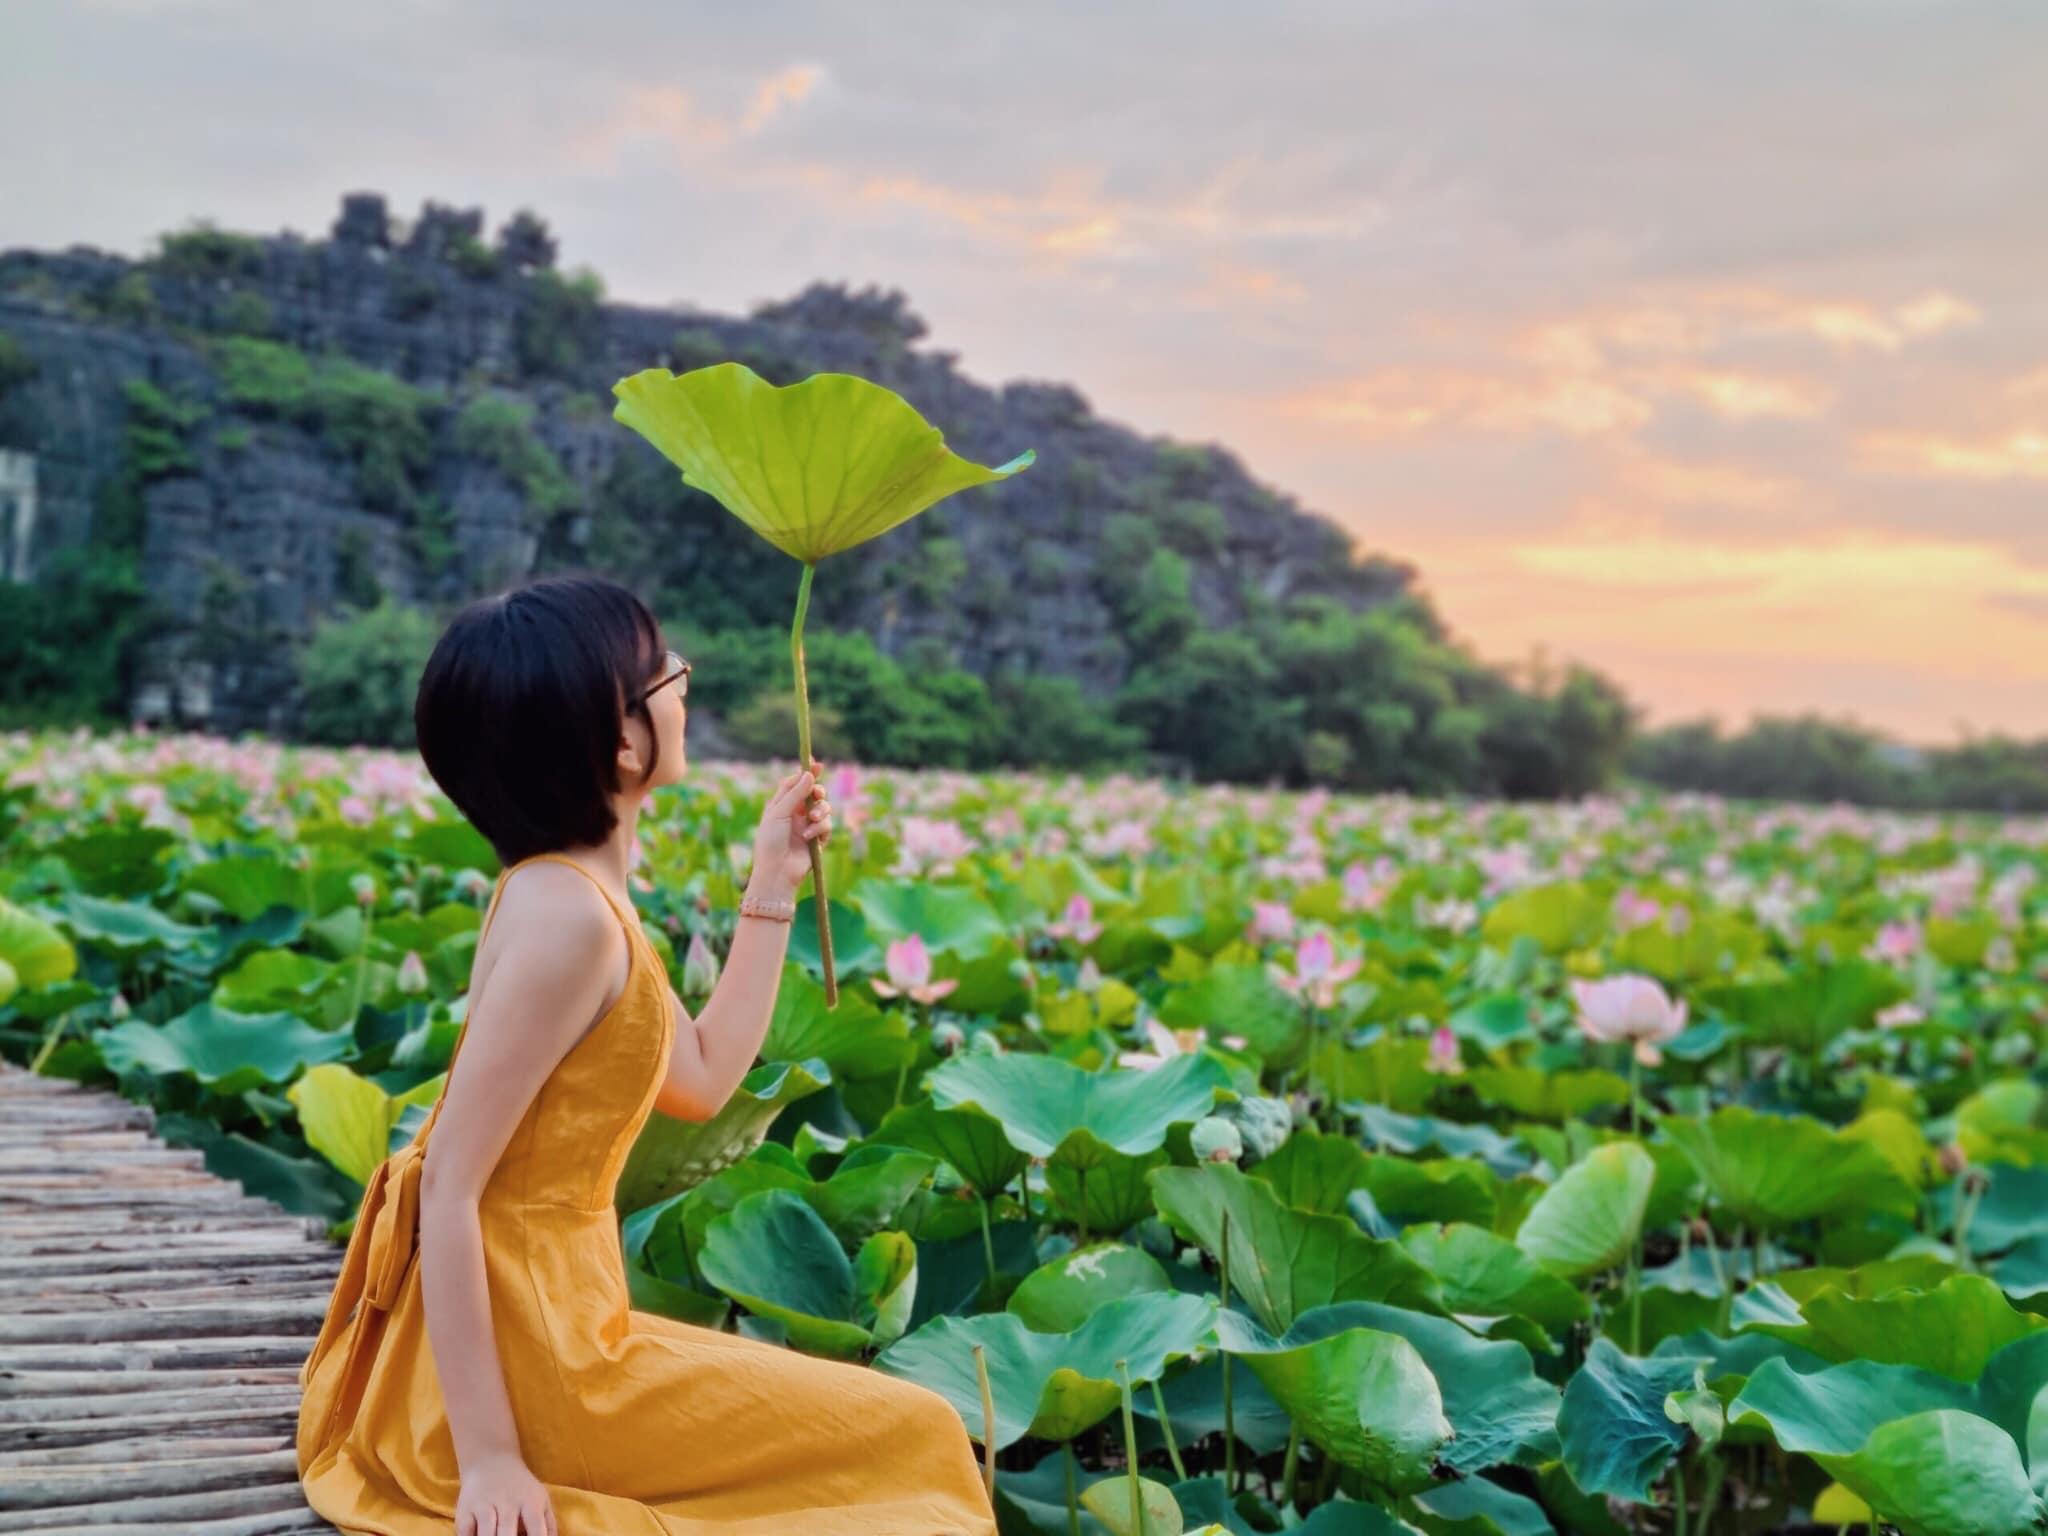 Ngạc nhiên sen hồng nở giữa mùa thu, đến Hang Múa Ninh Bình thưởng hoa, chụp ảnh trước khi hoa tàn nào